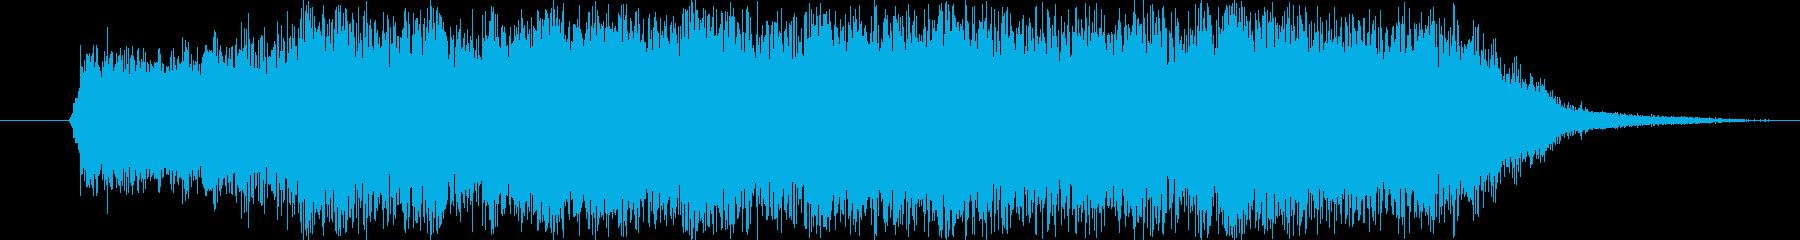 カッコいいロックジングルその1の再生済みの波形